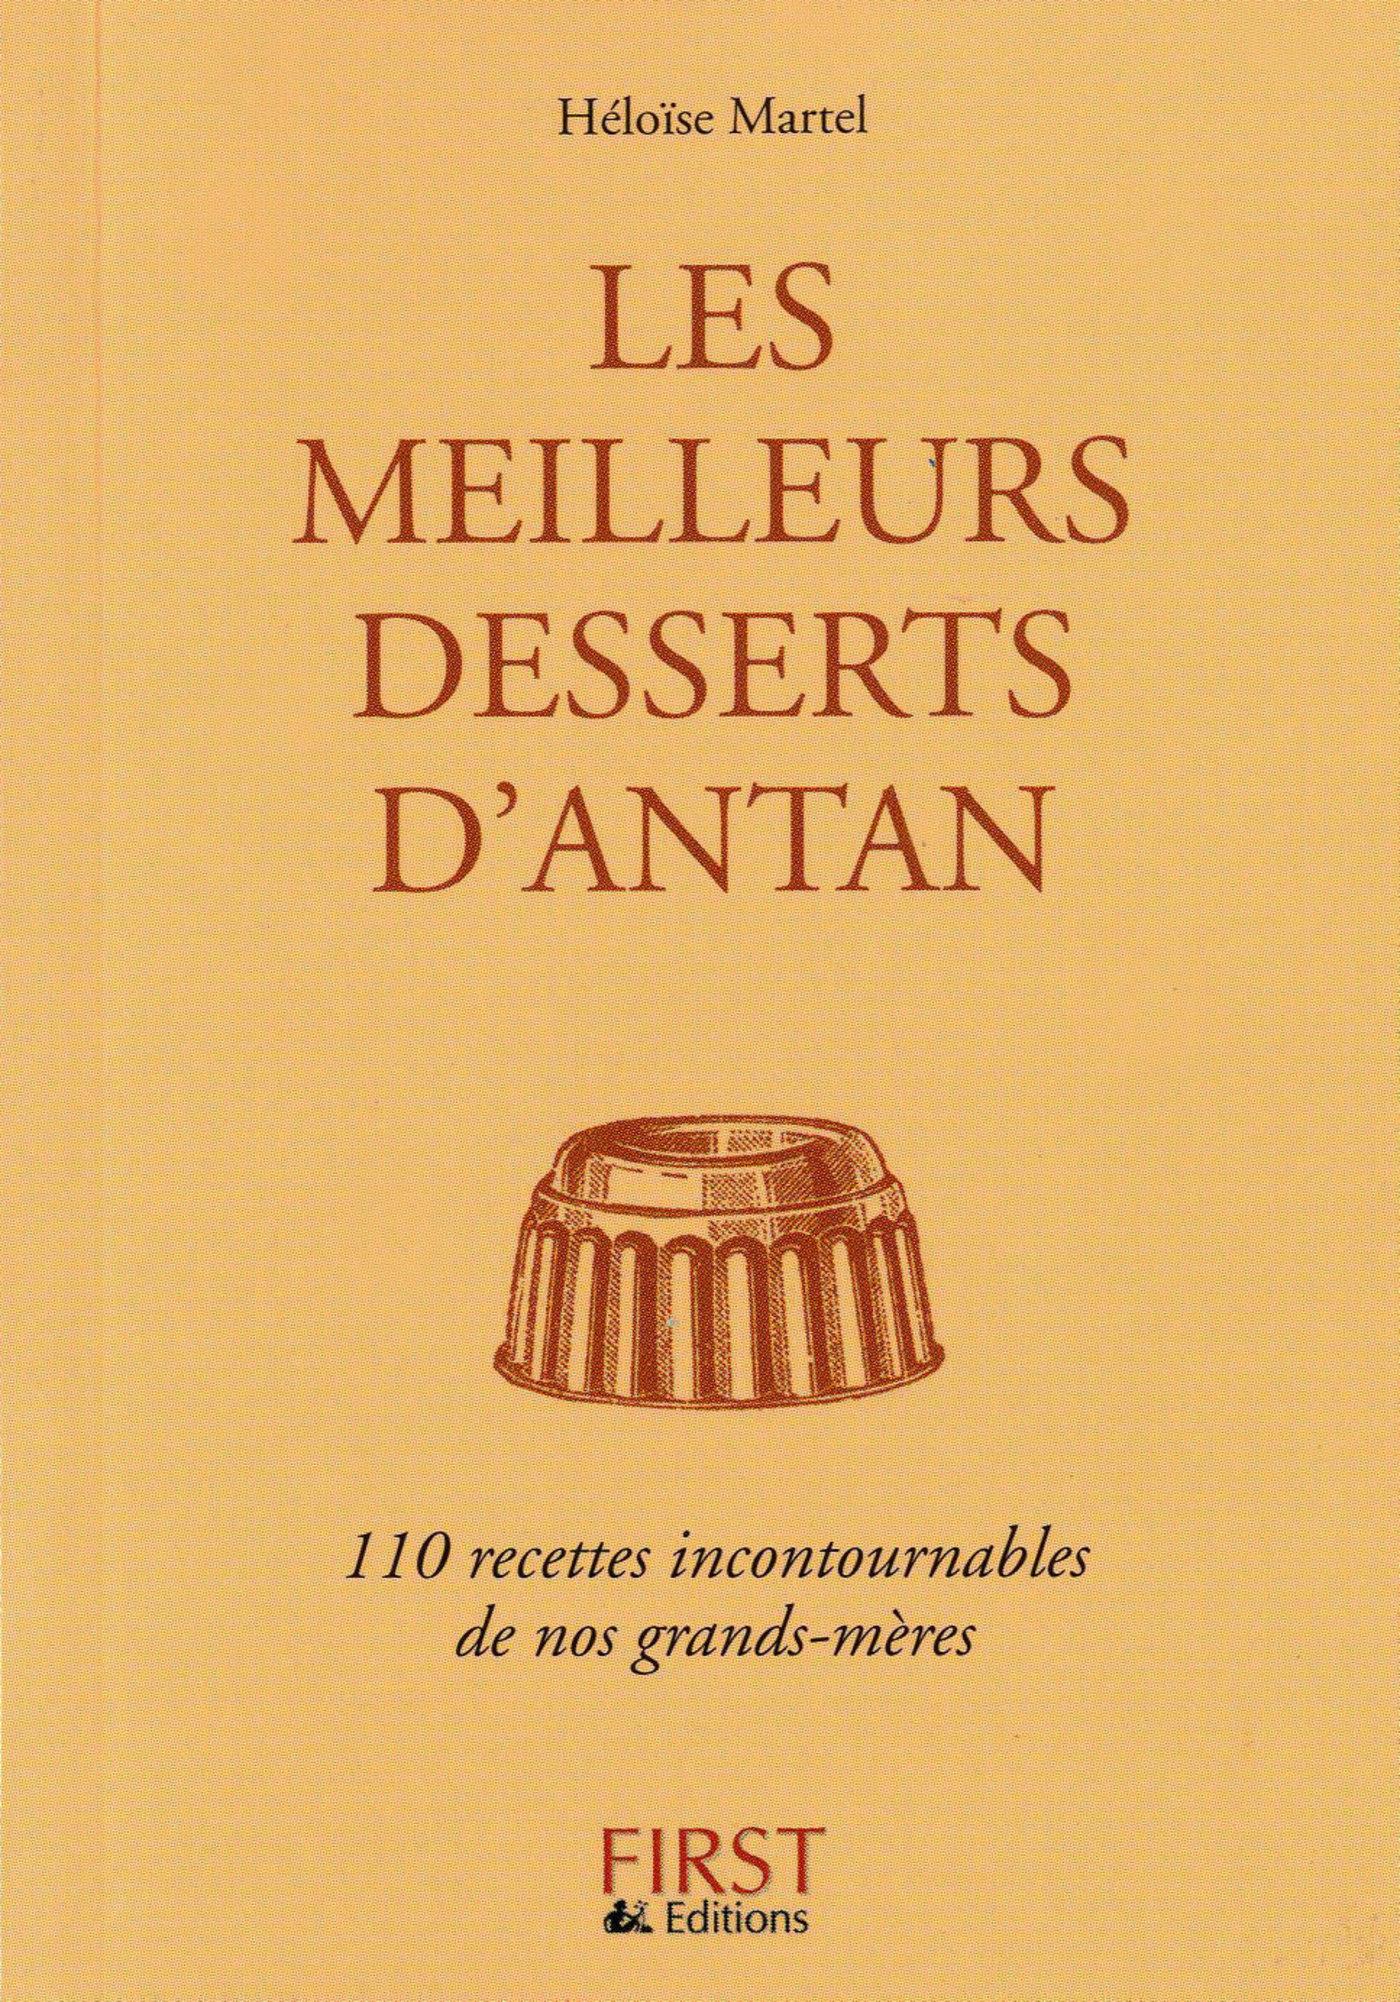 Le Petit Livre de - Meilleurs desserts d'antan